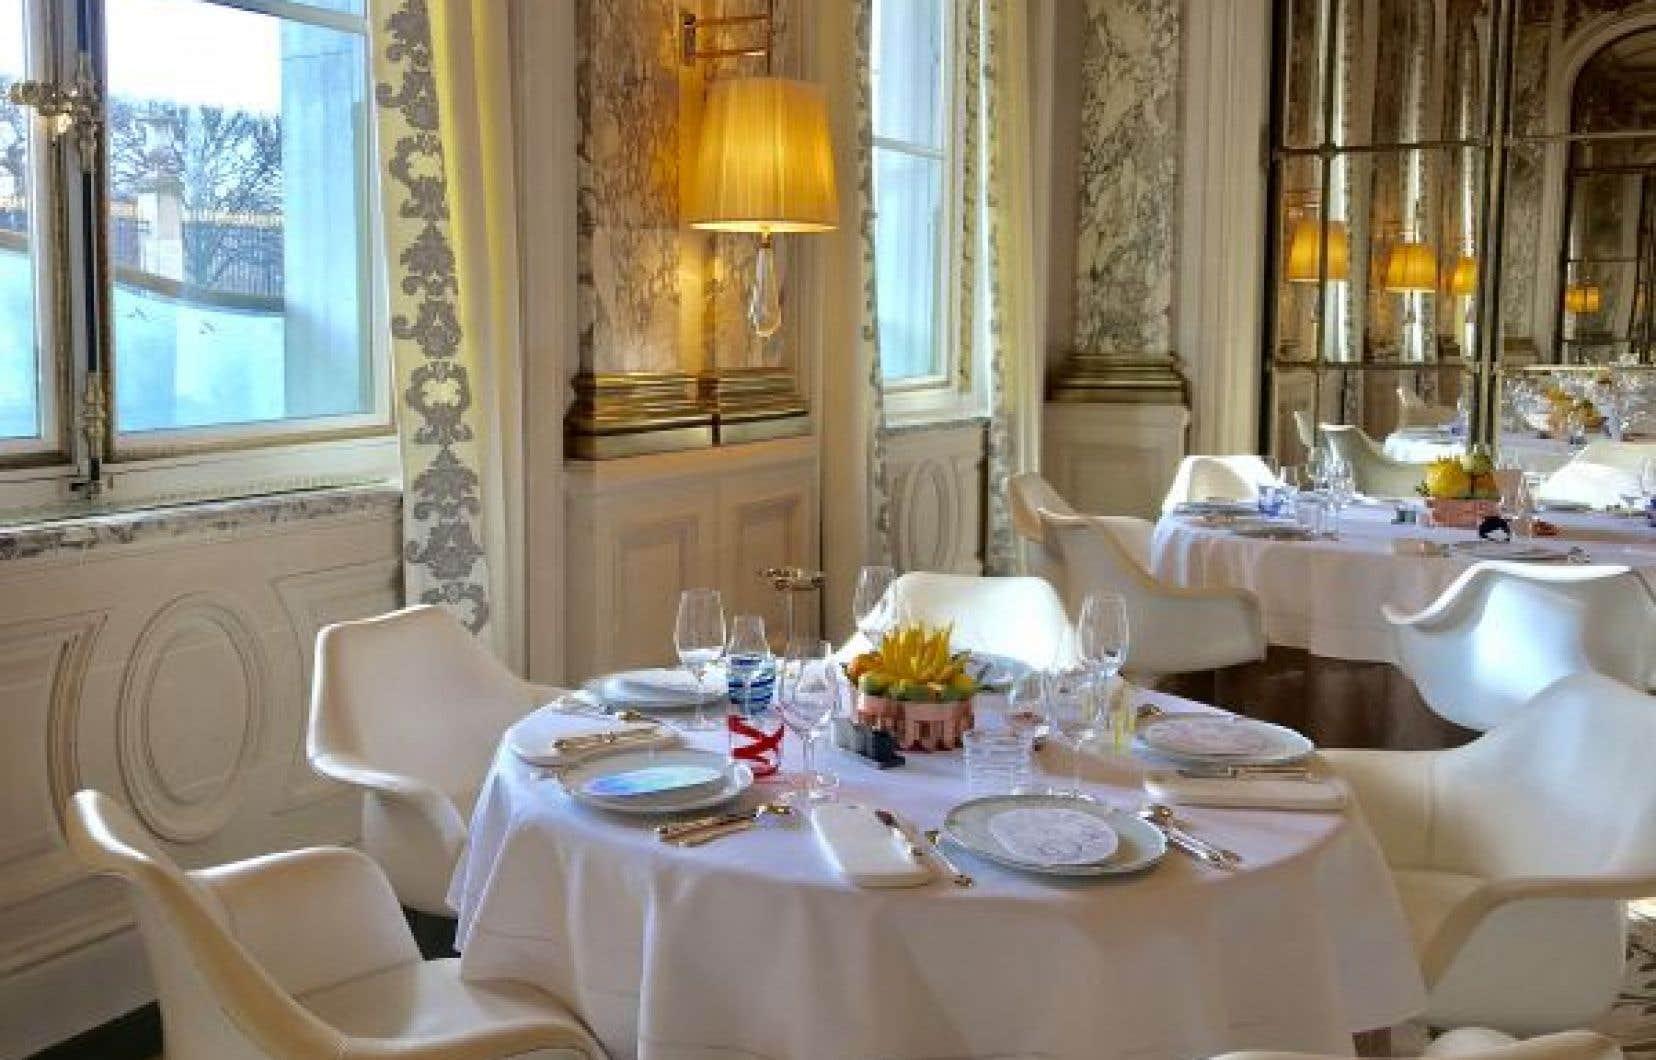 La salle du restaurant de l'hôtel Meurice est inspirée du Salon de la paix au Château de Versailles.